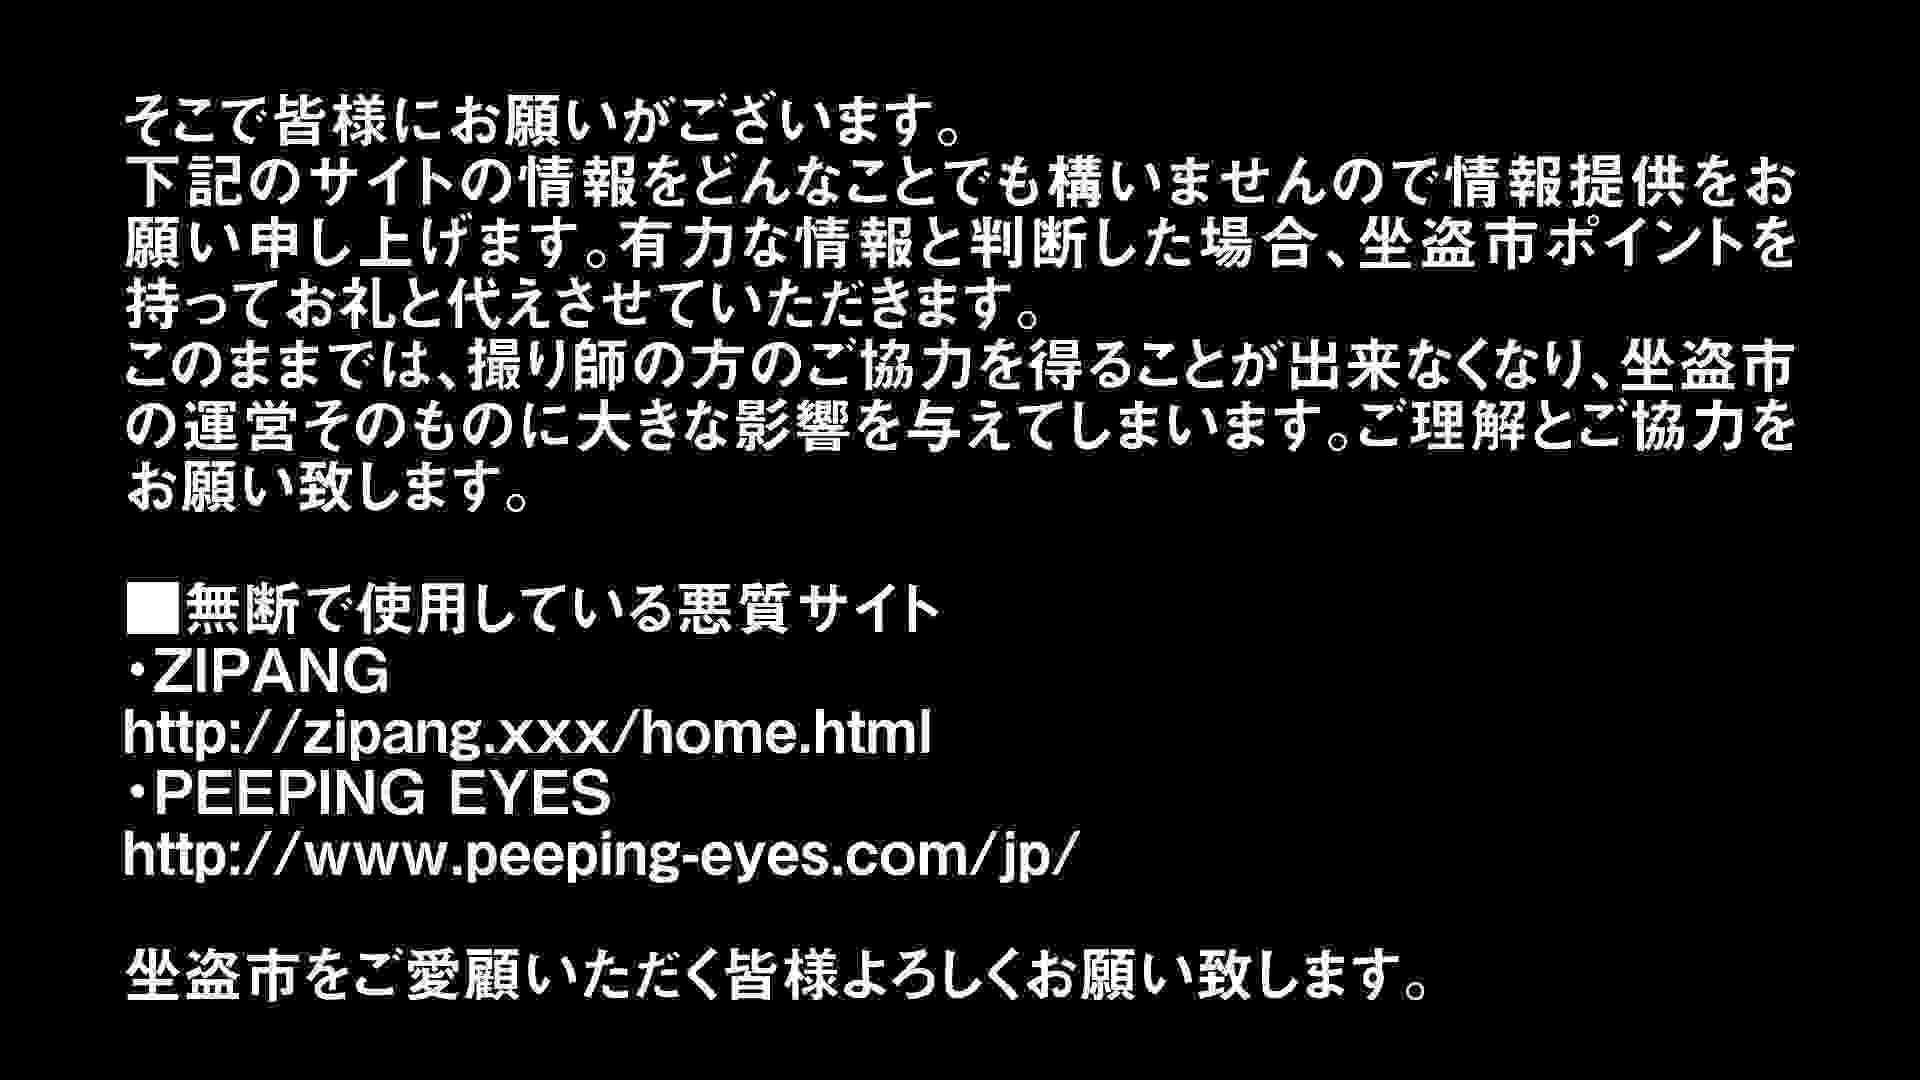 Aquaな露天風呂Vol.296 盗撮  91画像 42